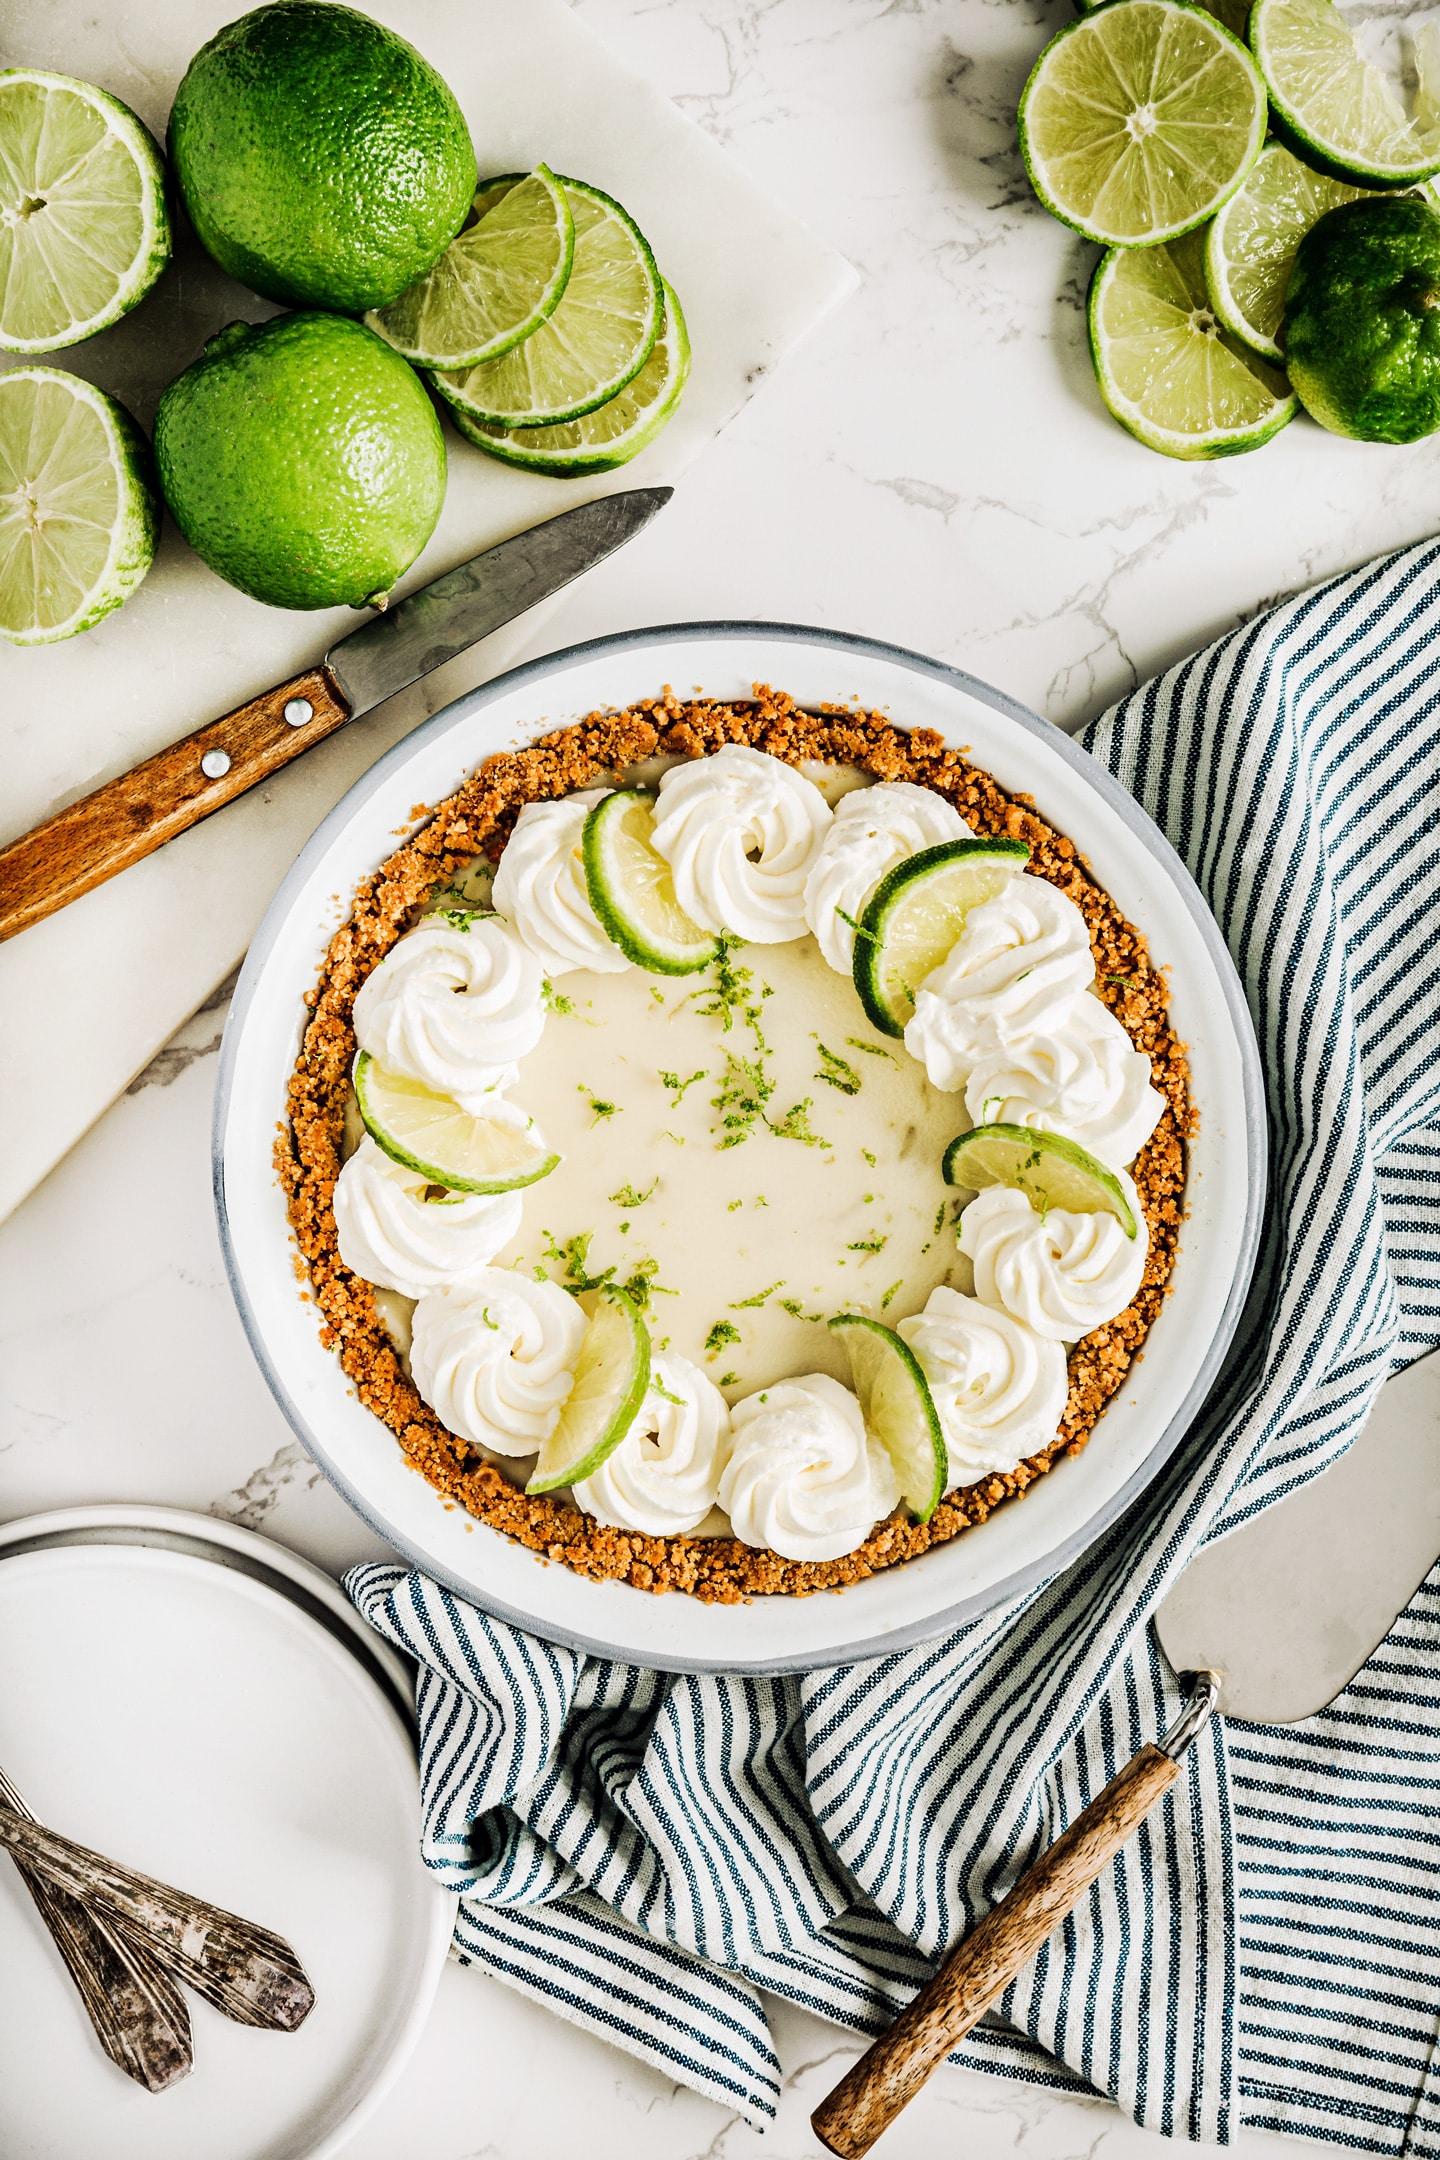 La tarte au citron vert la key lime pie